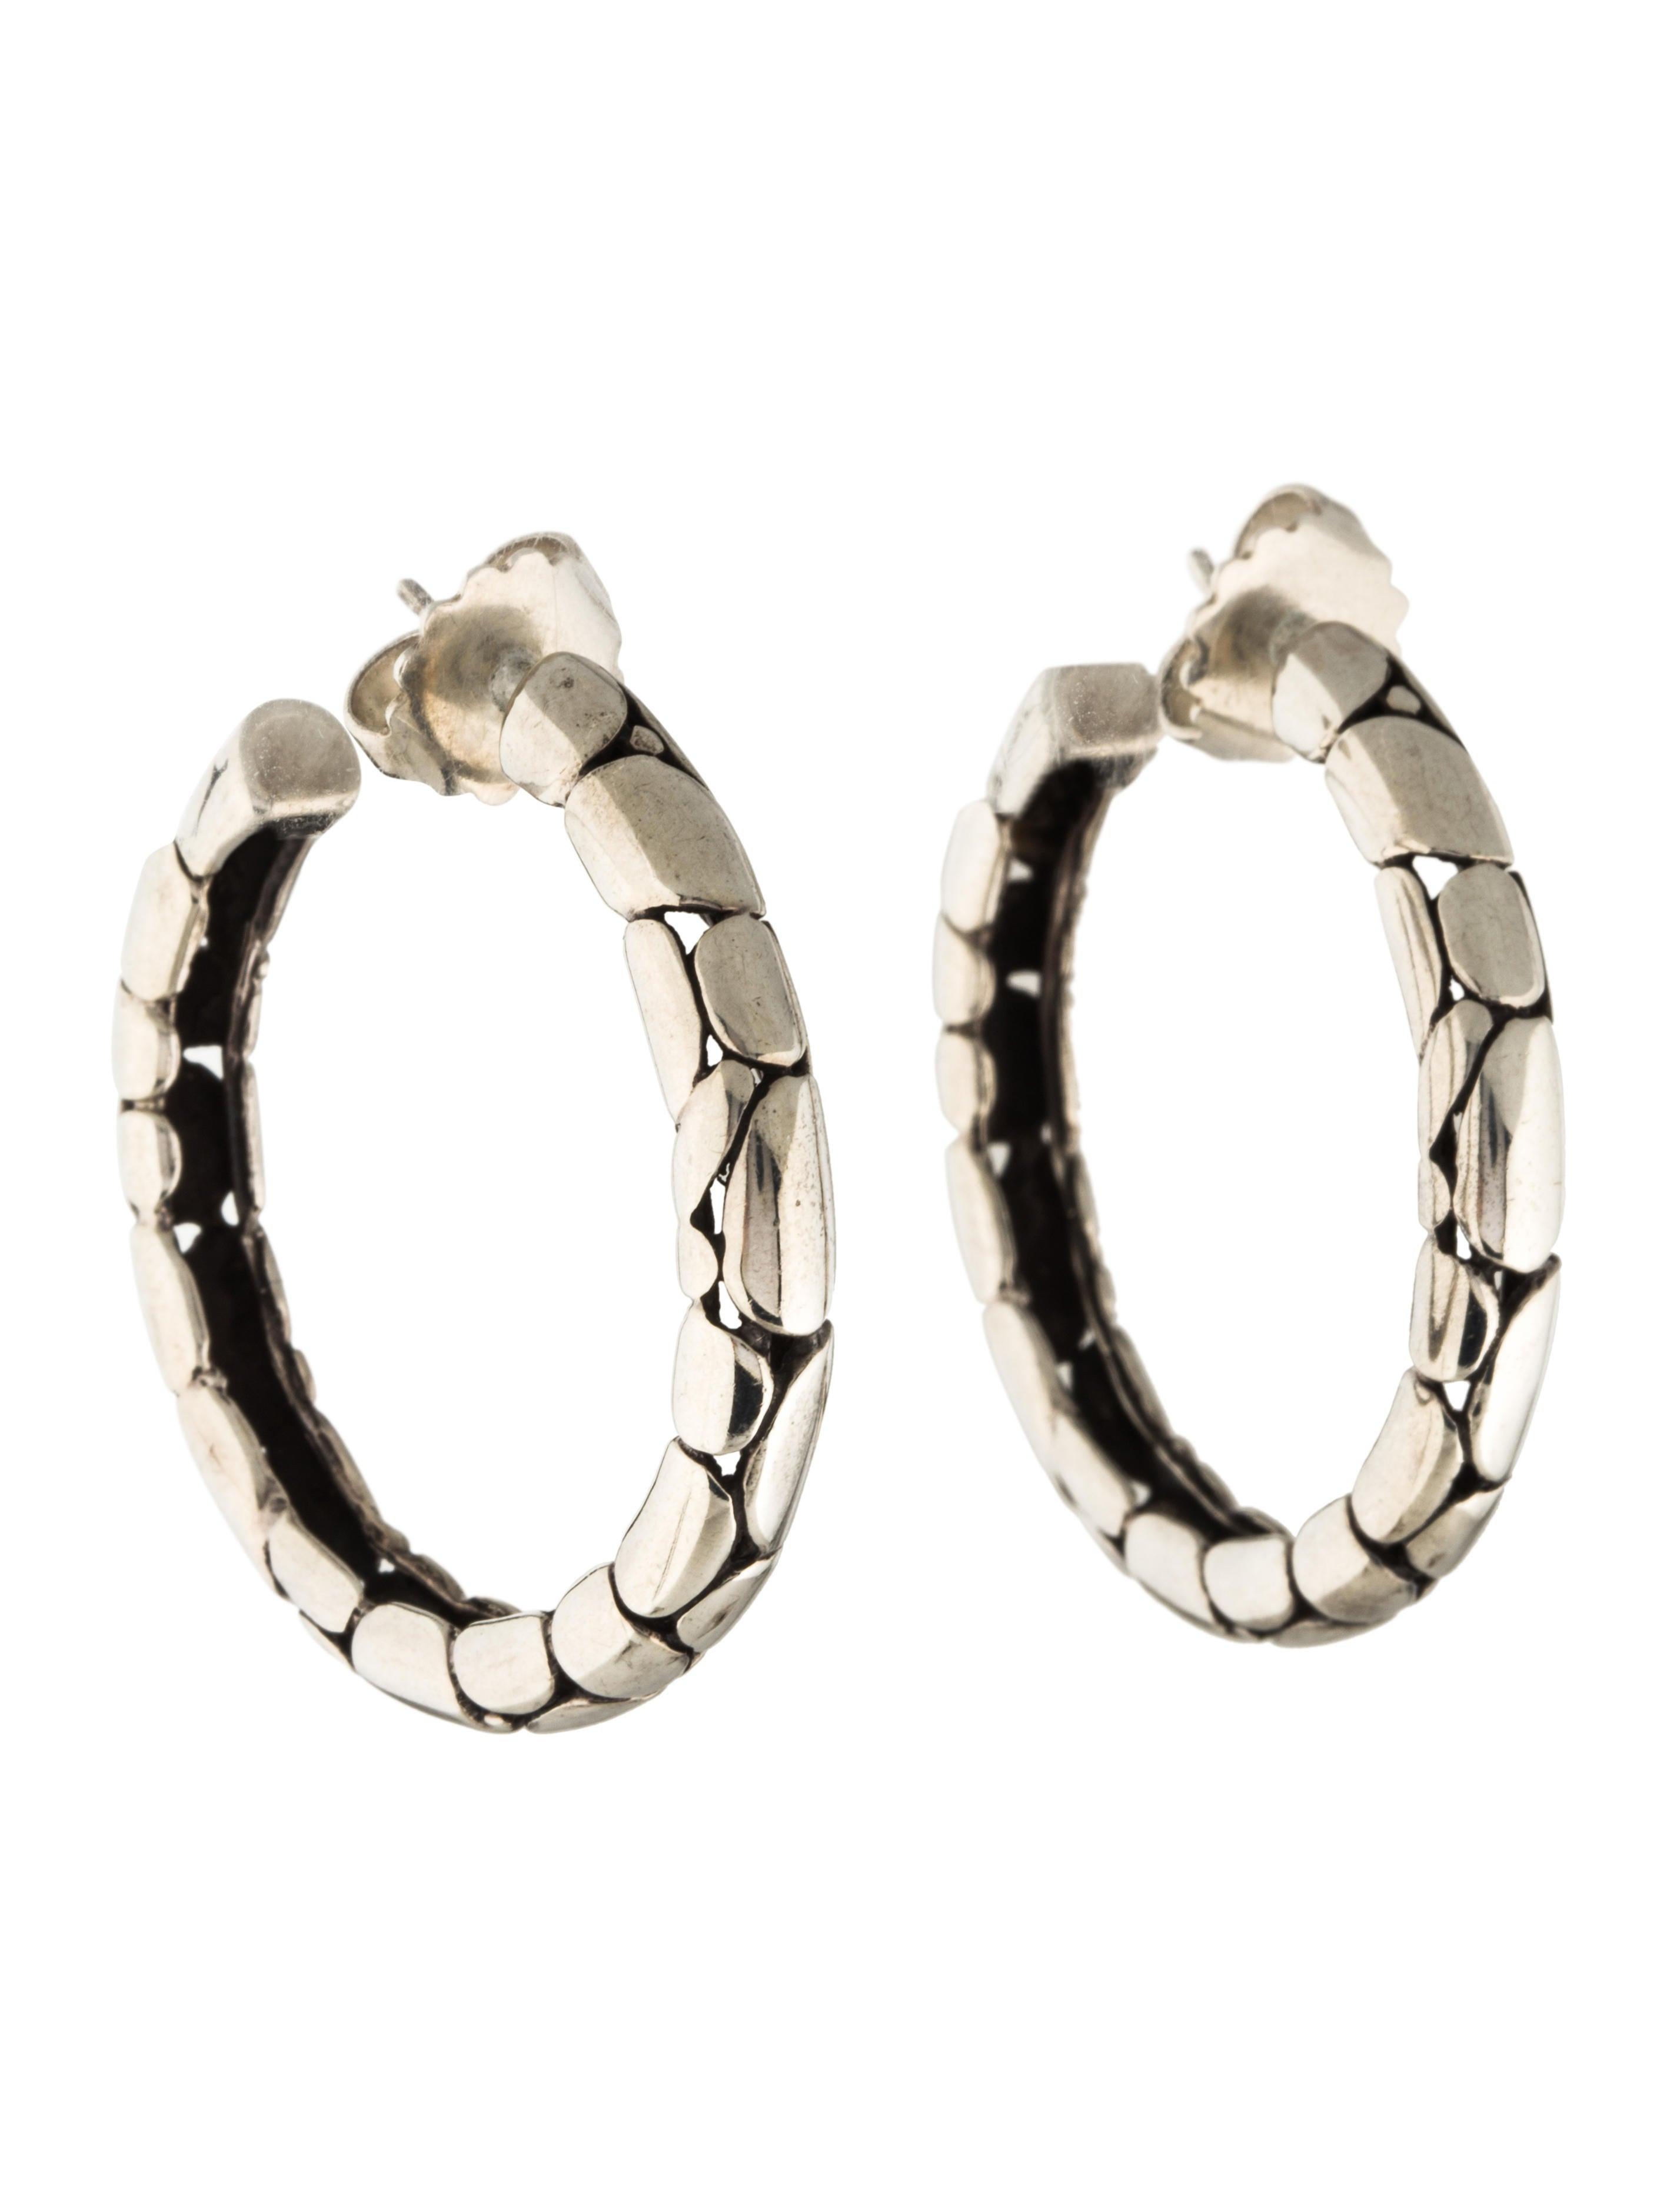 John hardy kali medium hoop earrings earrings jha26396 for John hardy jewelry earrings